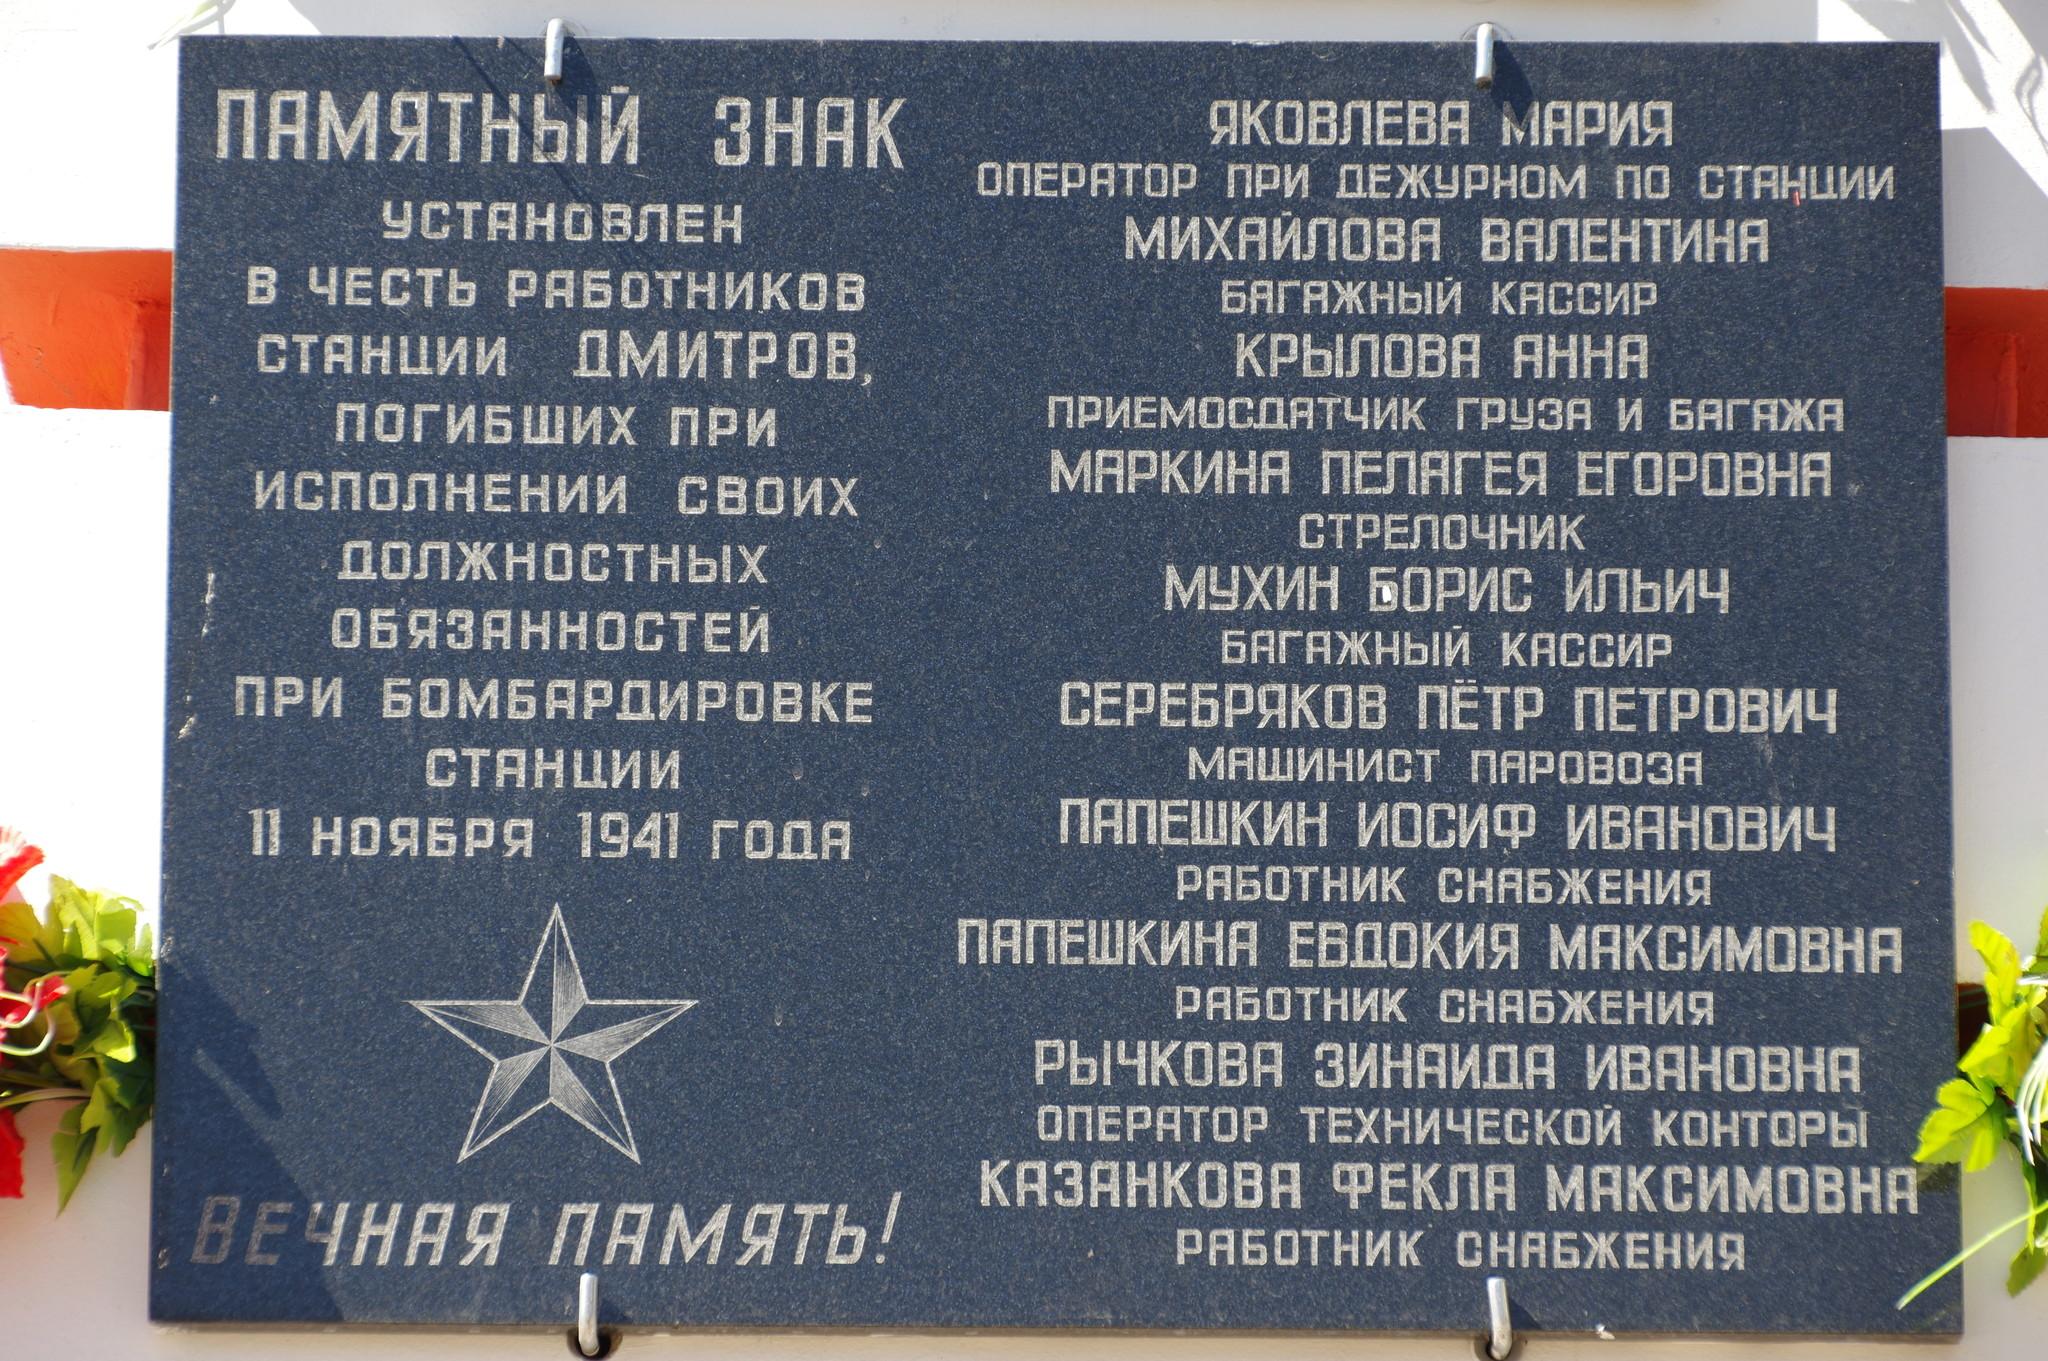 Памятная доска на железнодорожном вокзале в Дмитрове